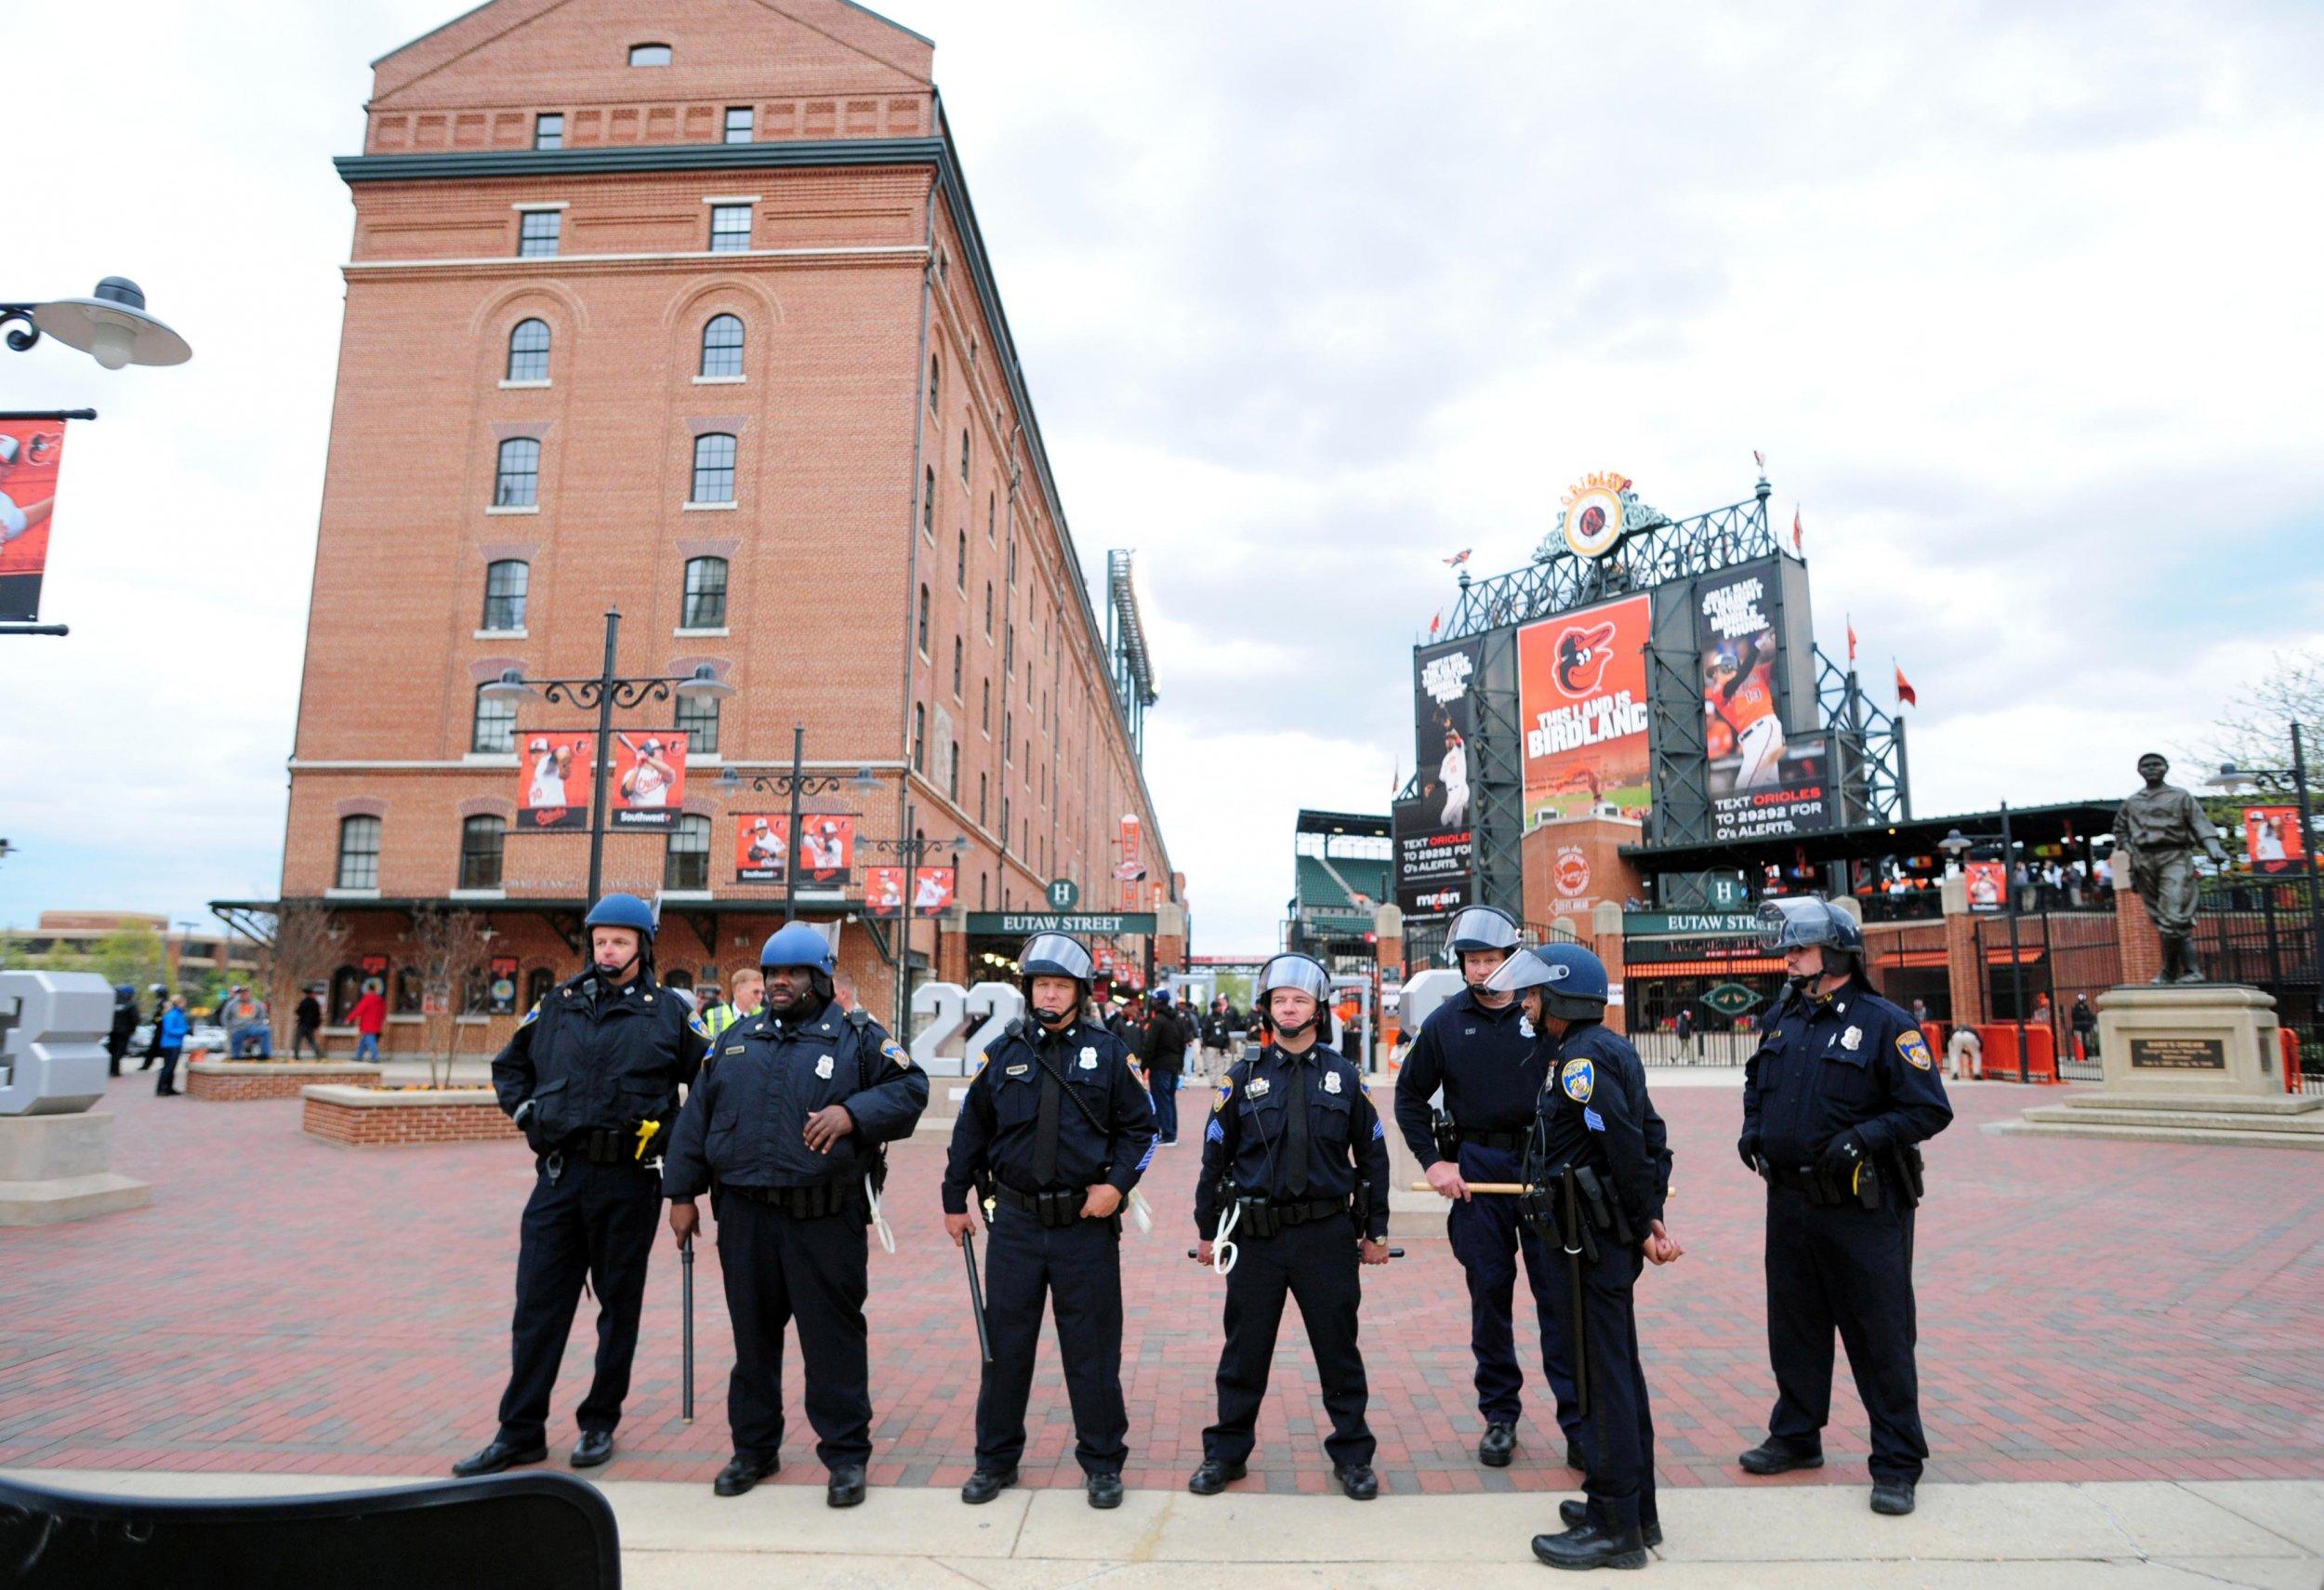 4-28-15 Orioles Baltimore